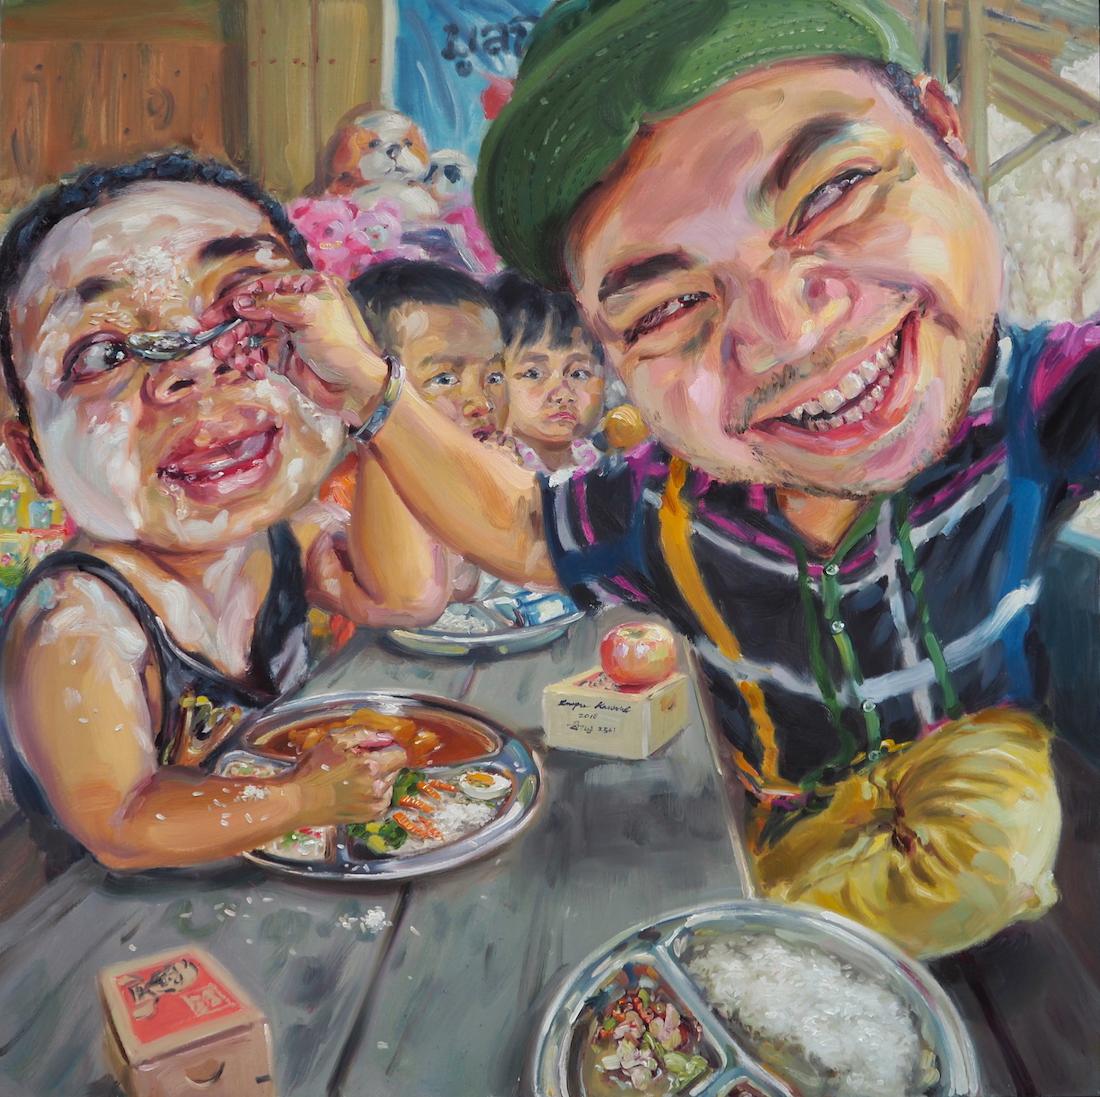 เลี้ยงอาหารกลางวันเด็ก(I am a kindness person), oil on linen, 150x150 cm.